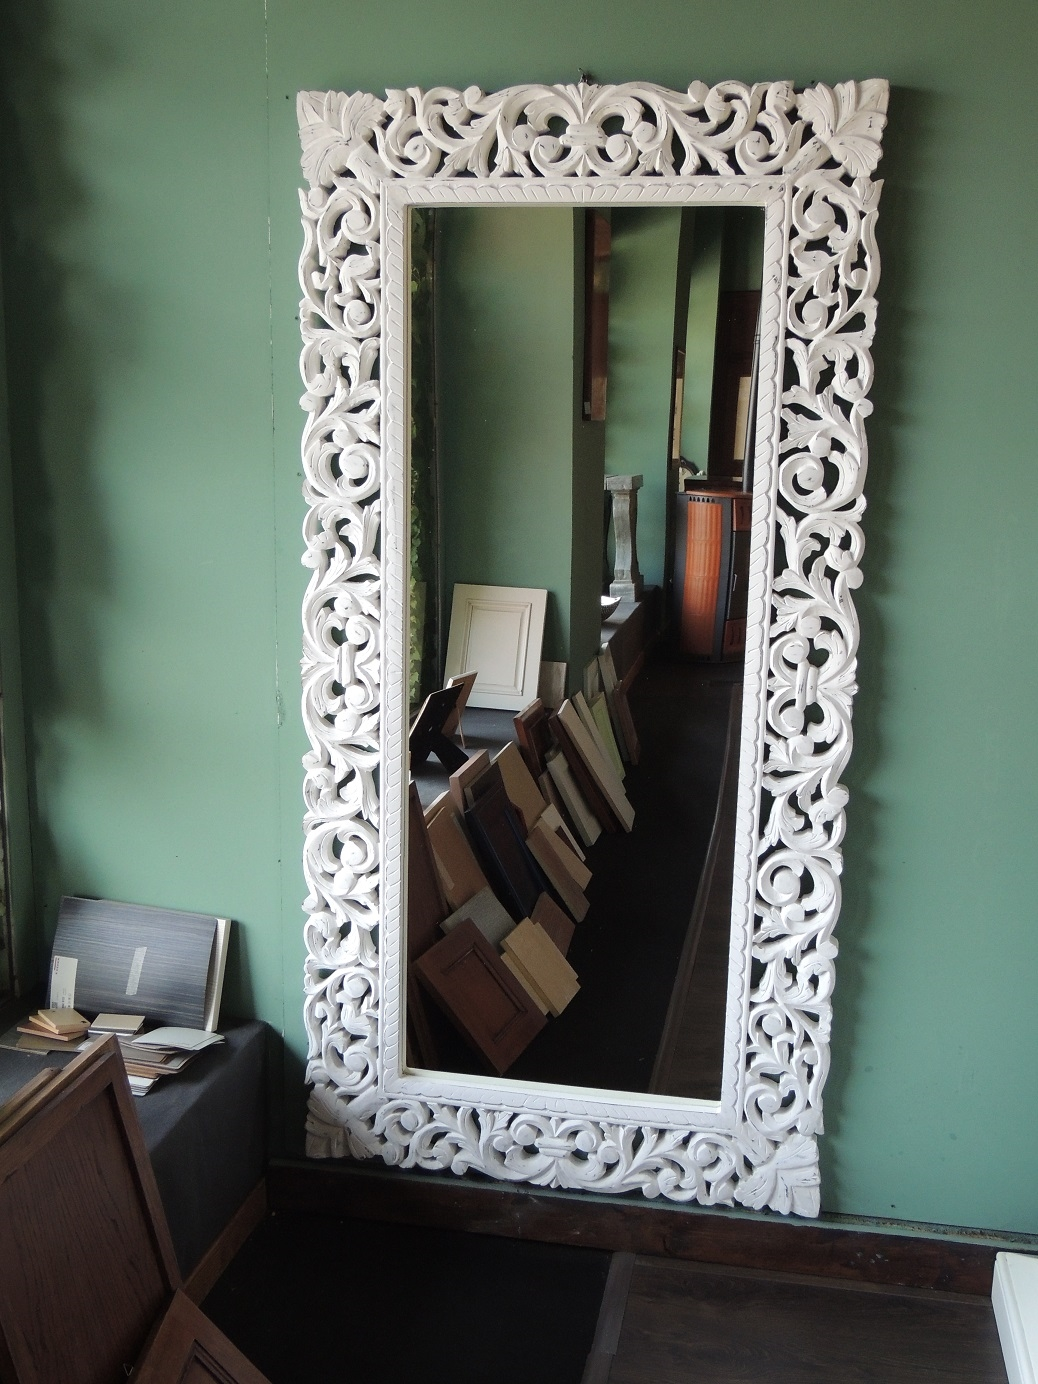 Specchio da parete con cornice in legno decapata bianca - Complementi arredo camera da letto ...